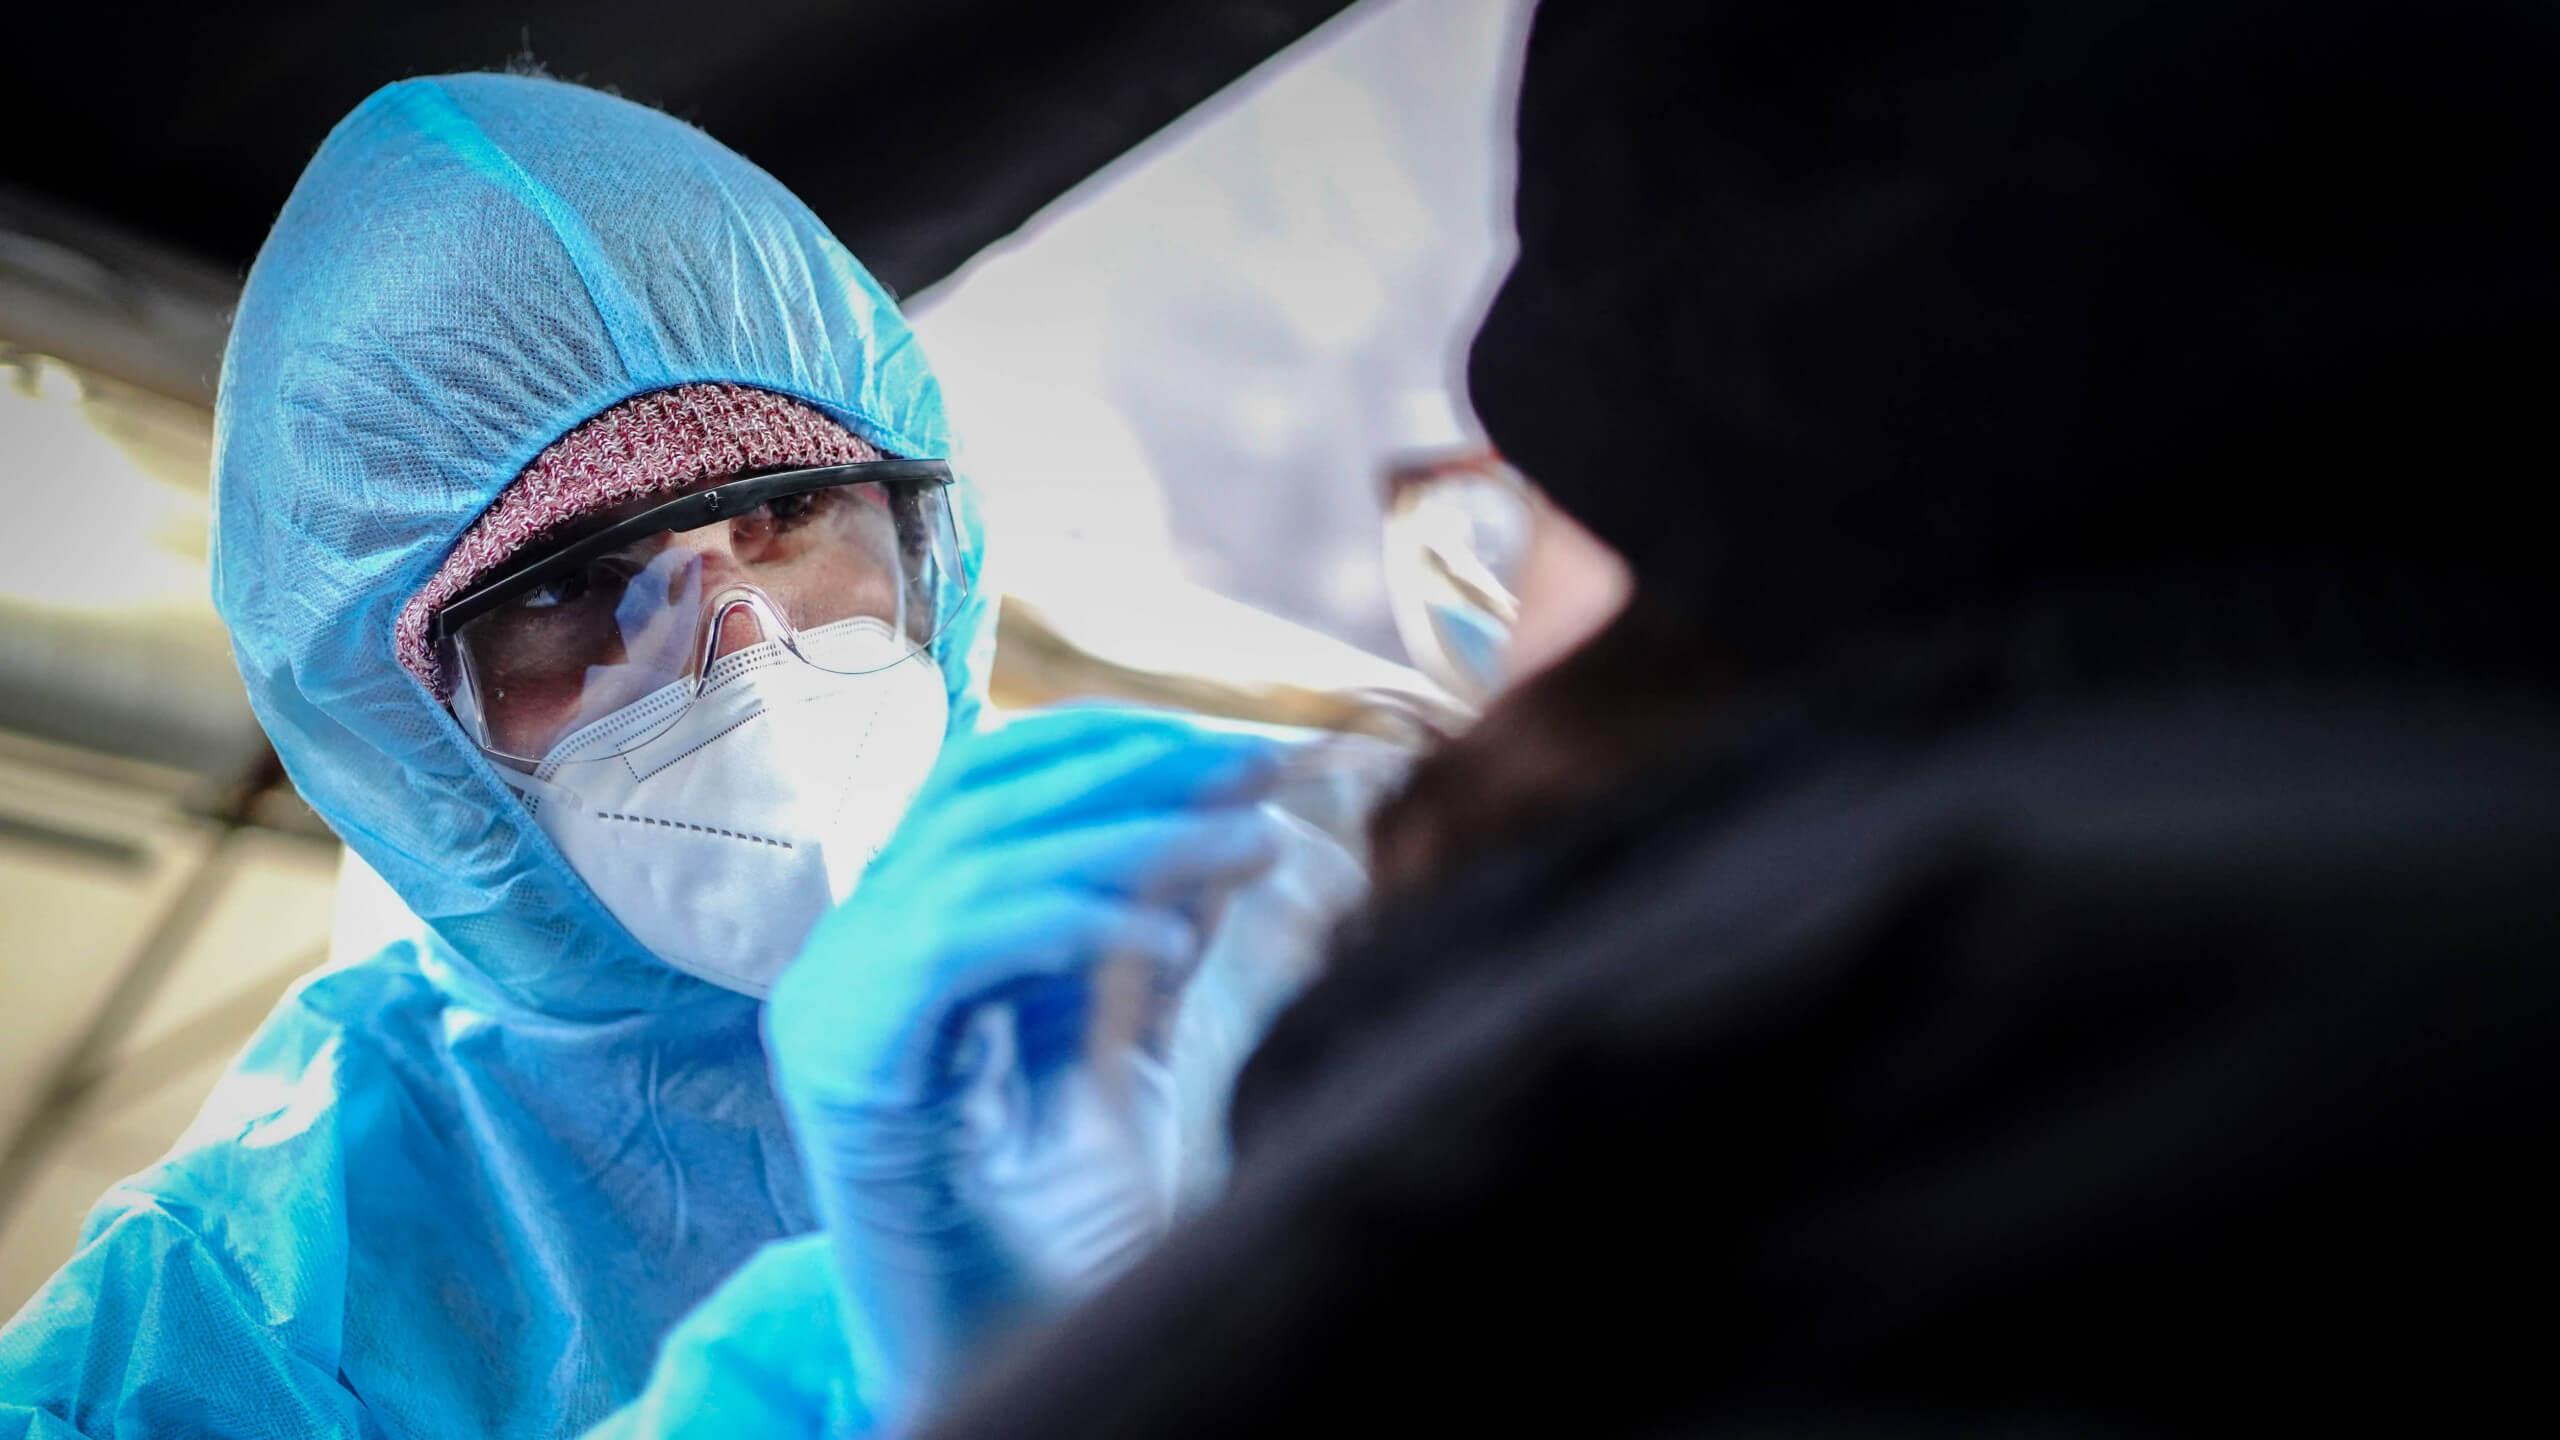 Doch, Corona-PCR-Tests können SARS-CoV-2 von Erkältungsviren zuverlässig unterscheiden